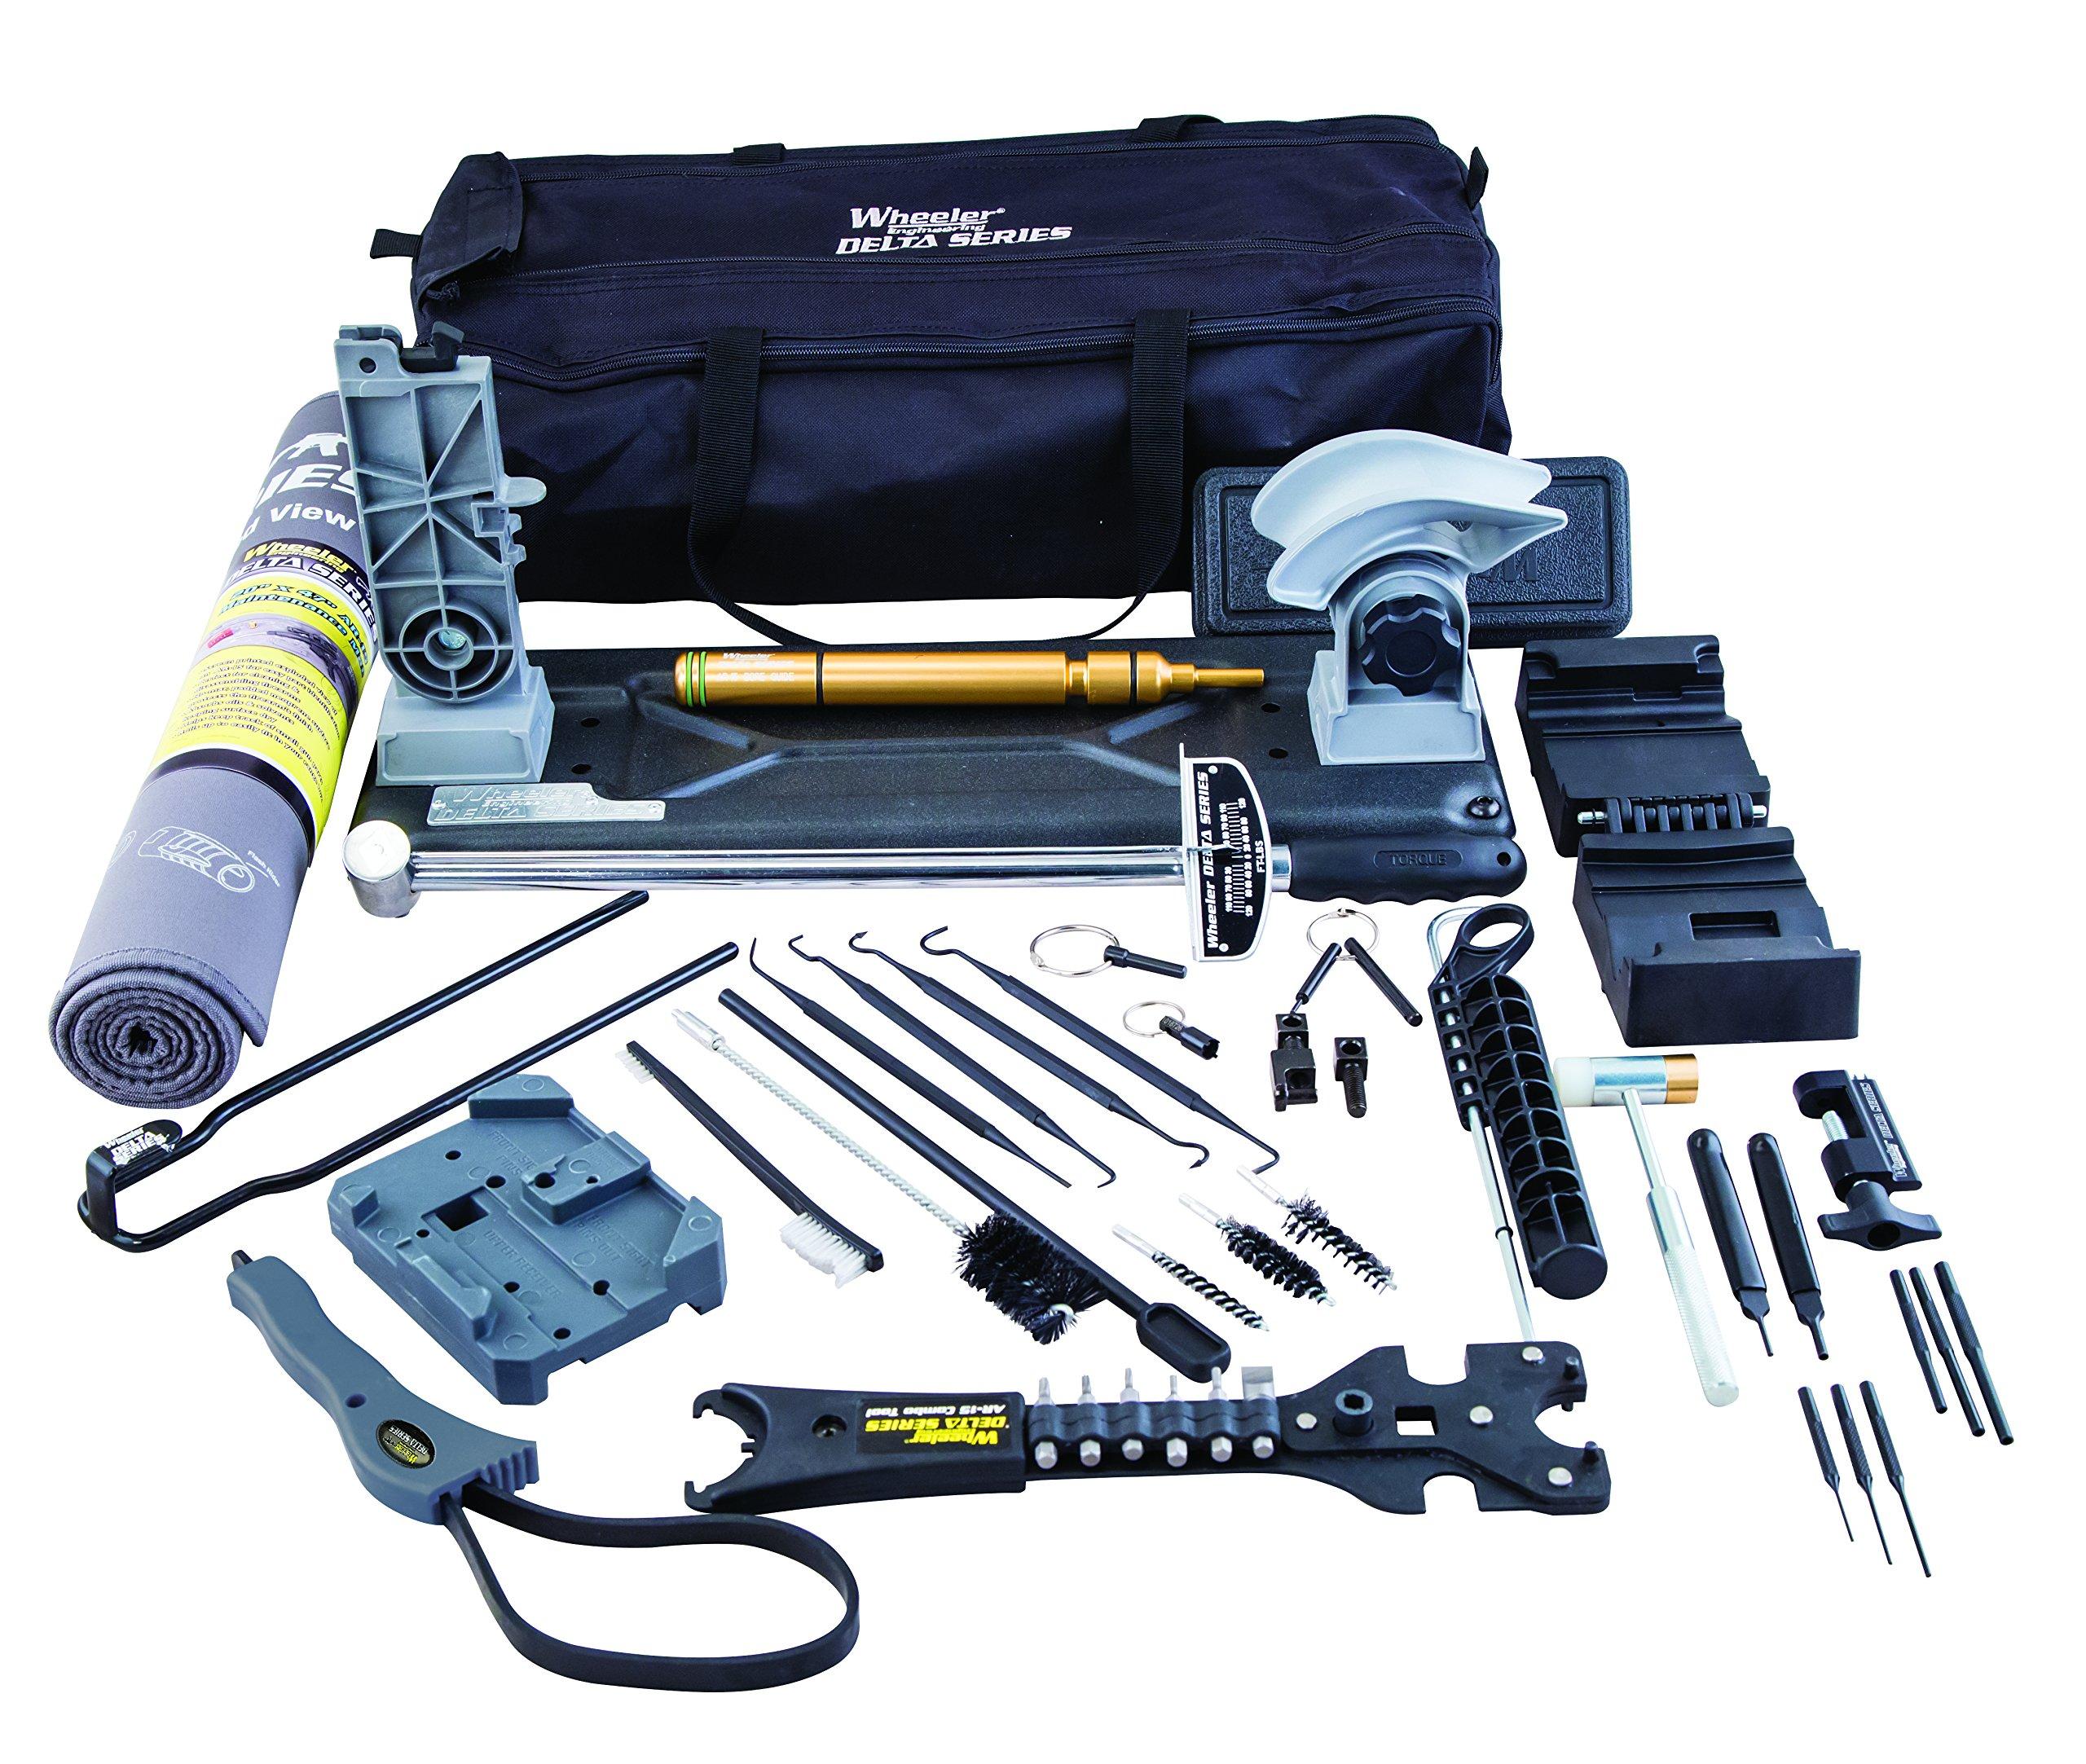 Wheeler Ultra Gunsmithing Kit